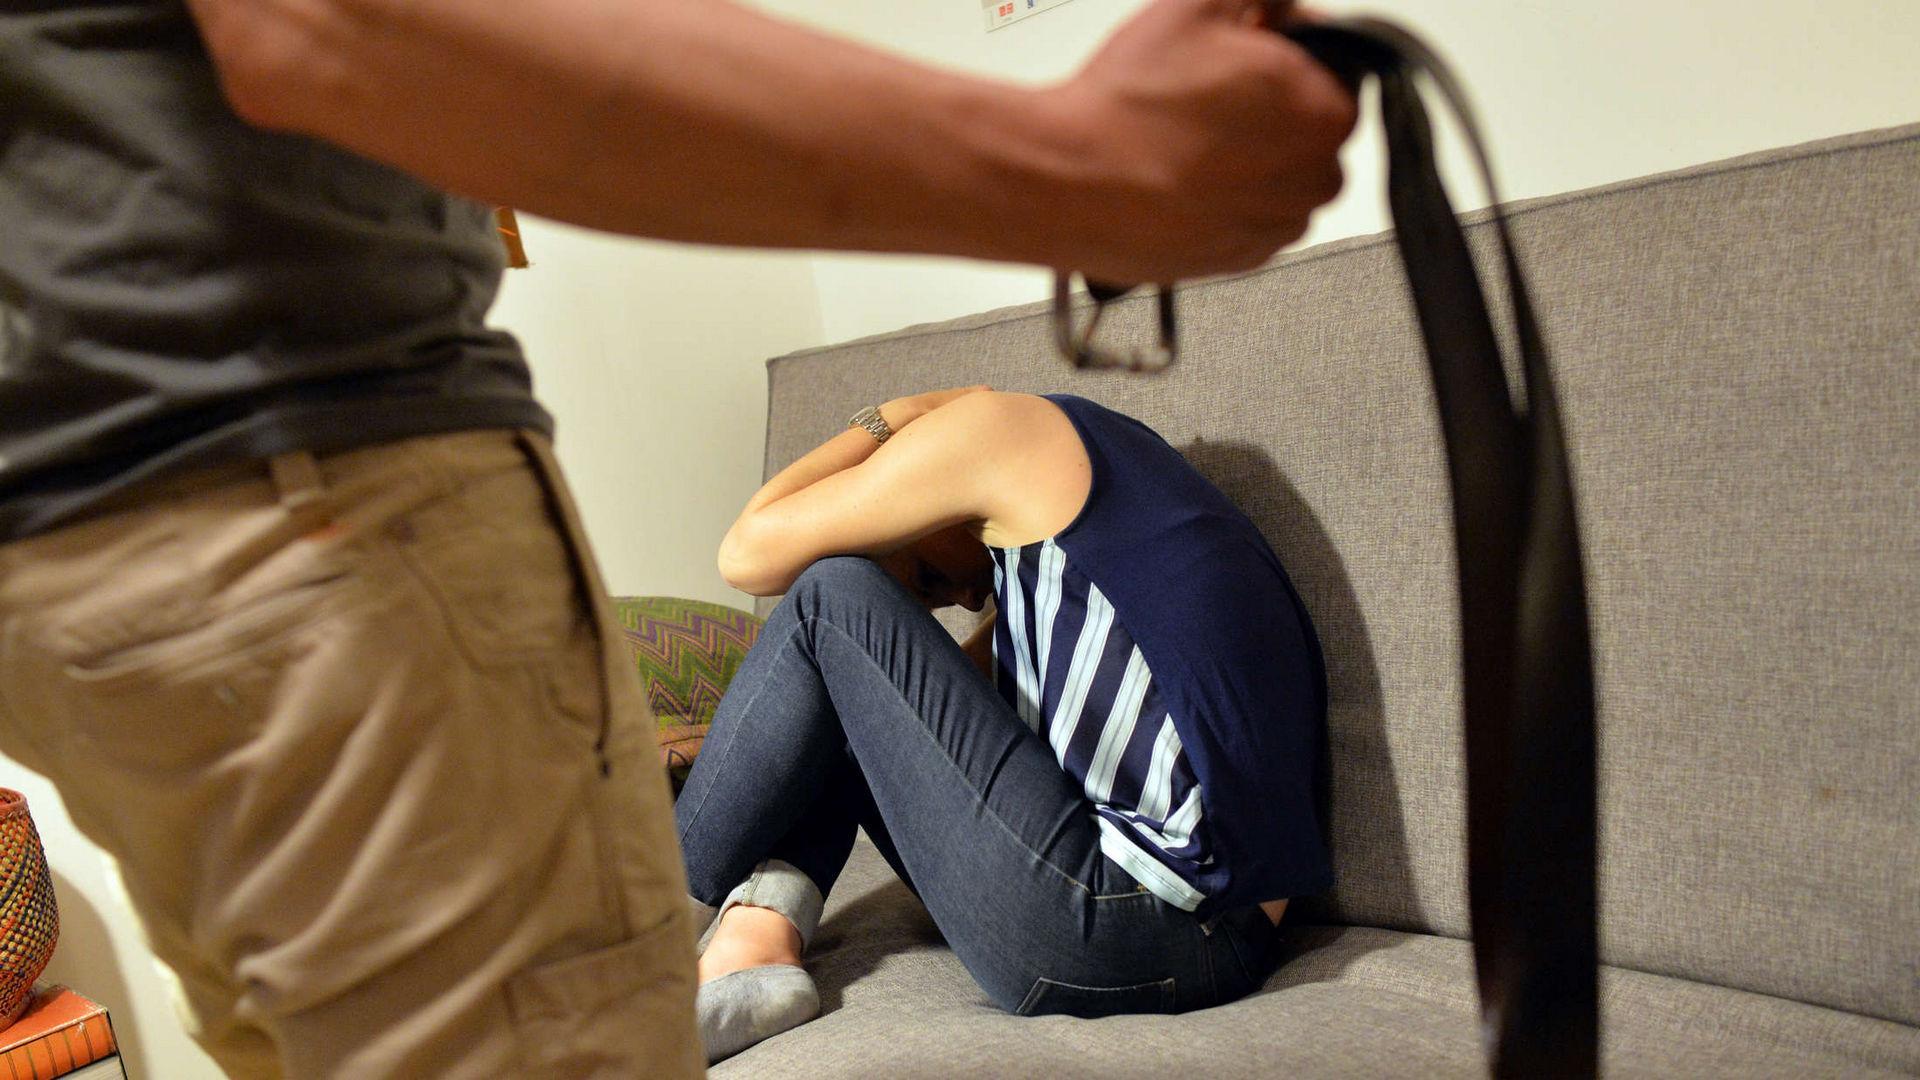 Заперты вместе: как карантин влияет на рост числа домашнего насилия и разводов